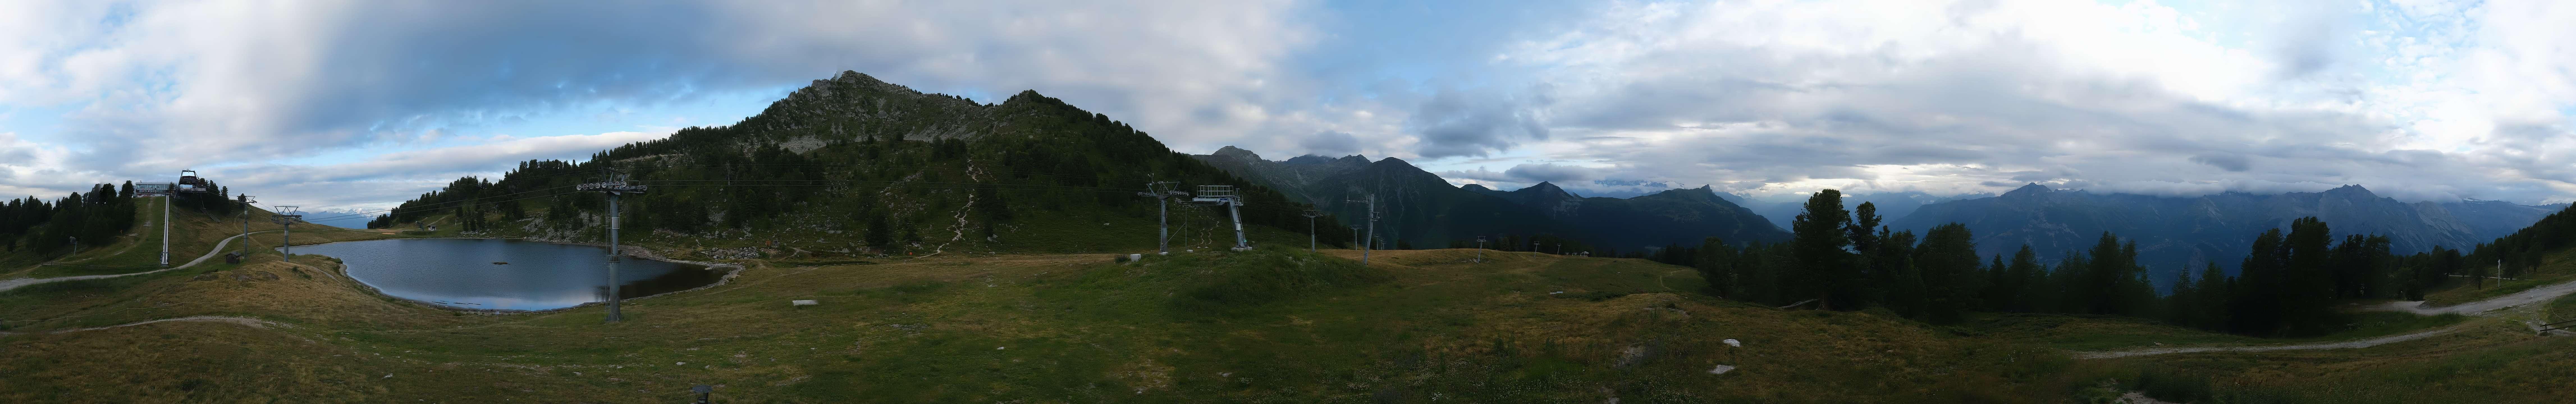 Webcam Lac de Tracouet